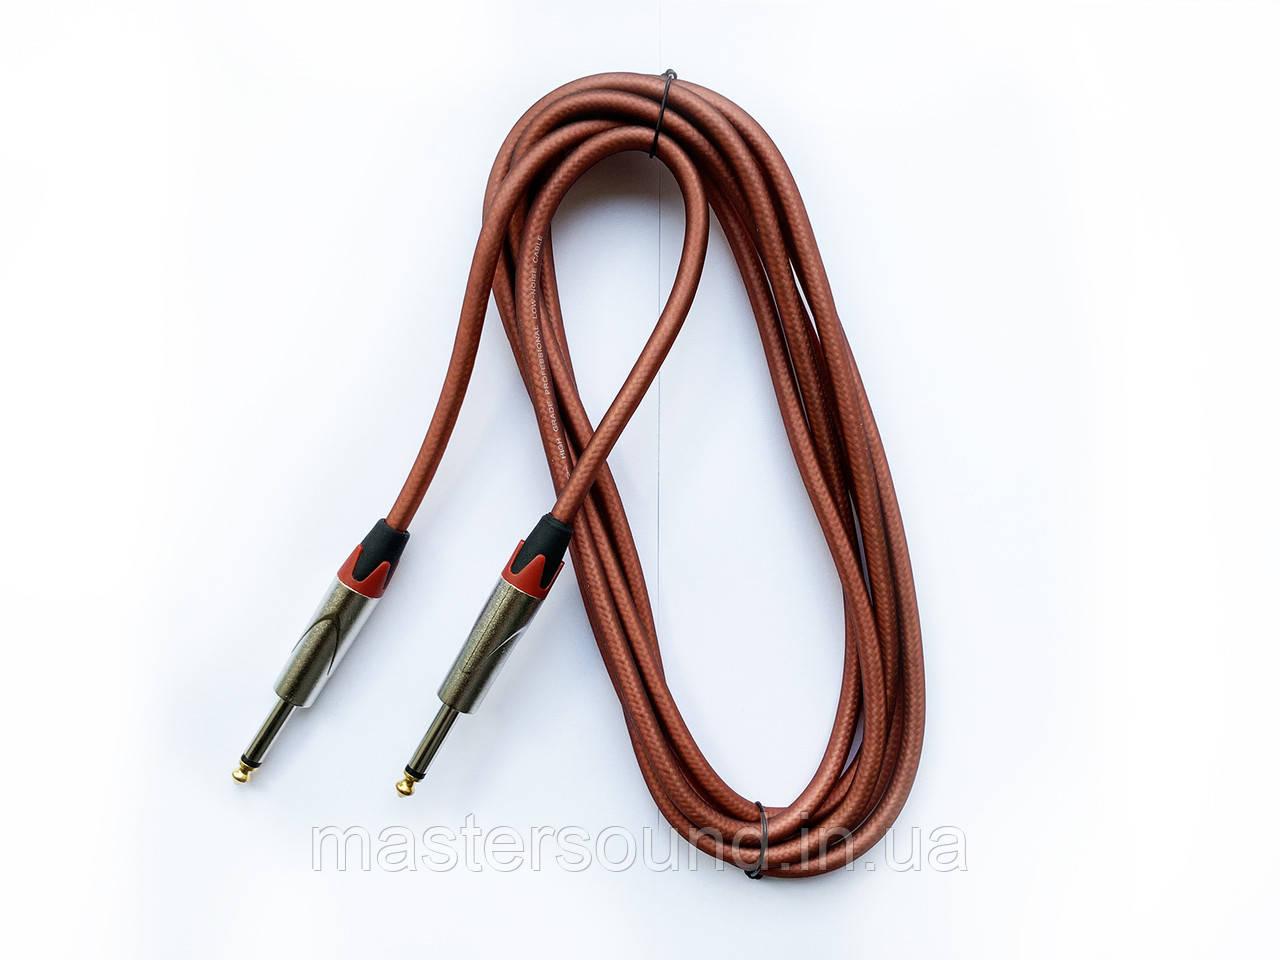 Инструментальный кабель SKV Cable X87/3